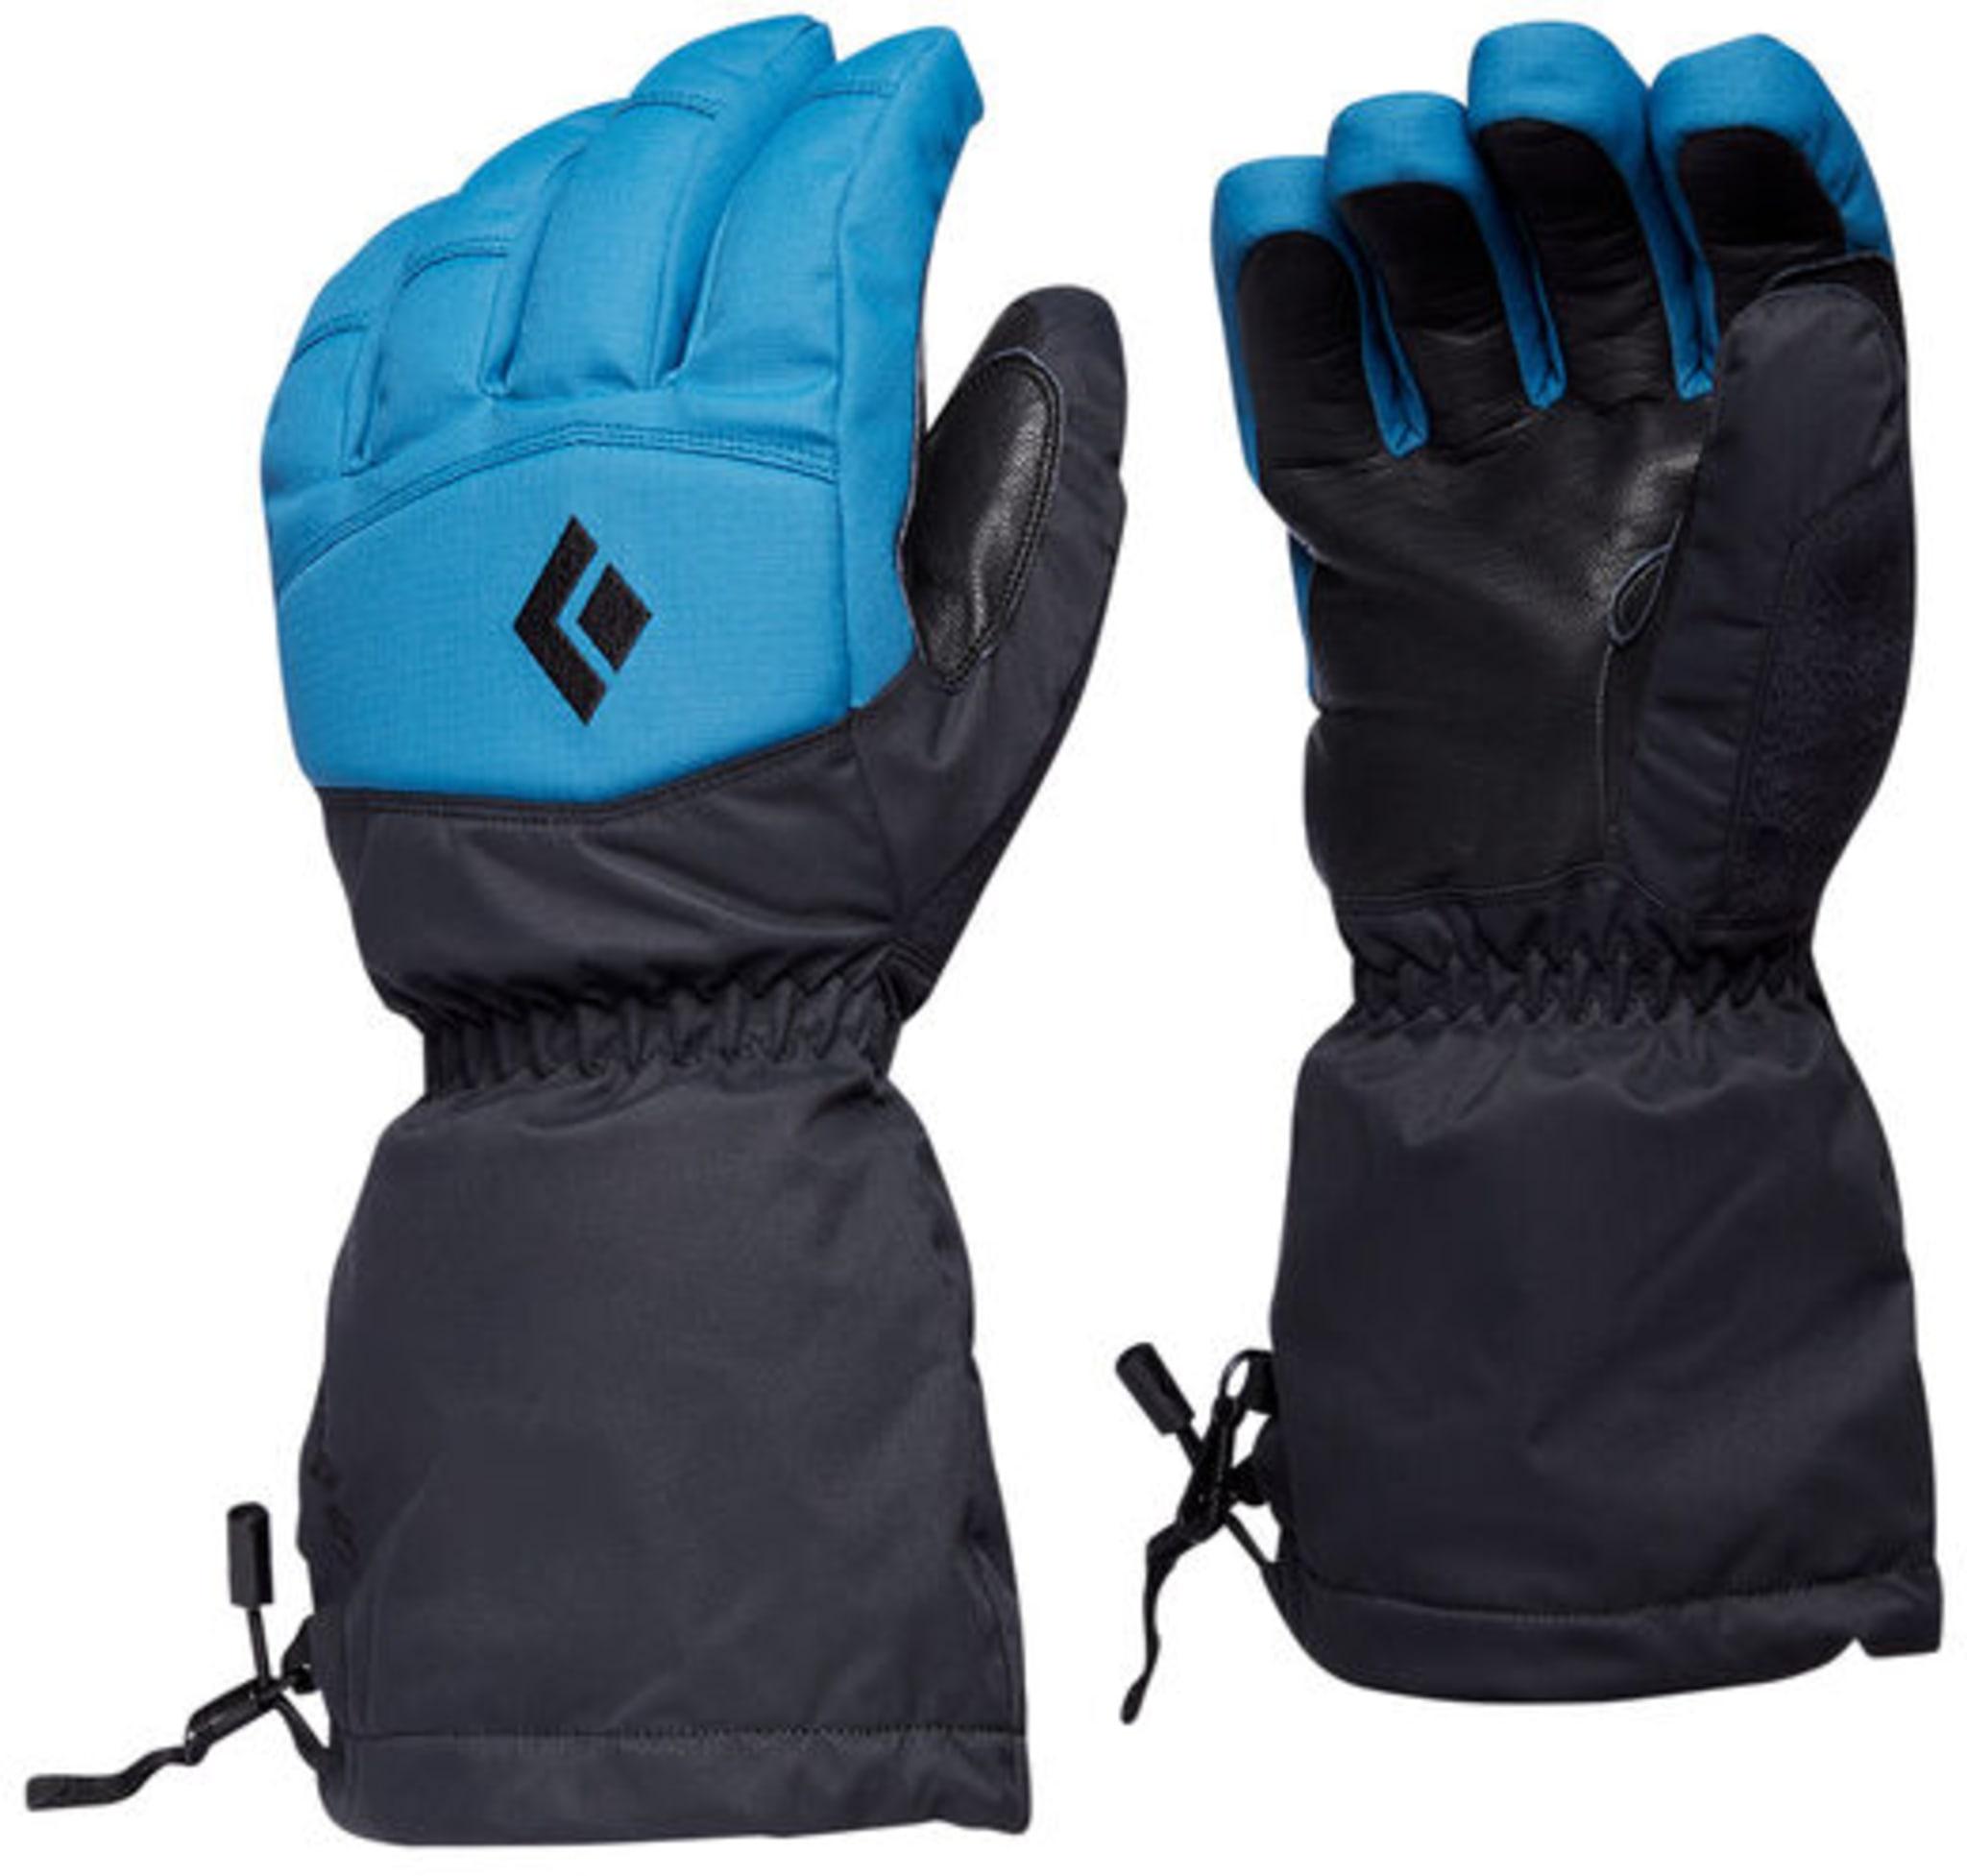 Varme og vanntette hansker for heisbasert skikjøring og kalde dager på tur